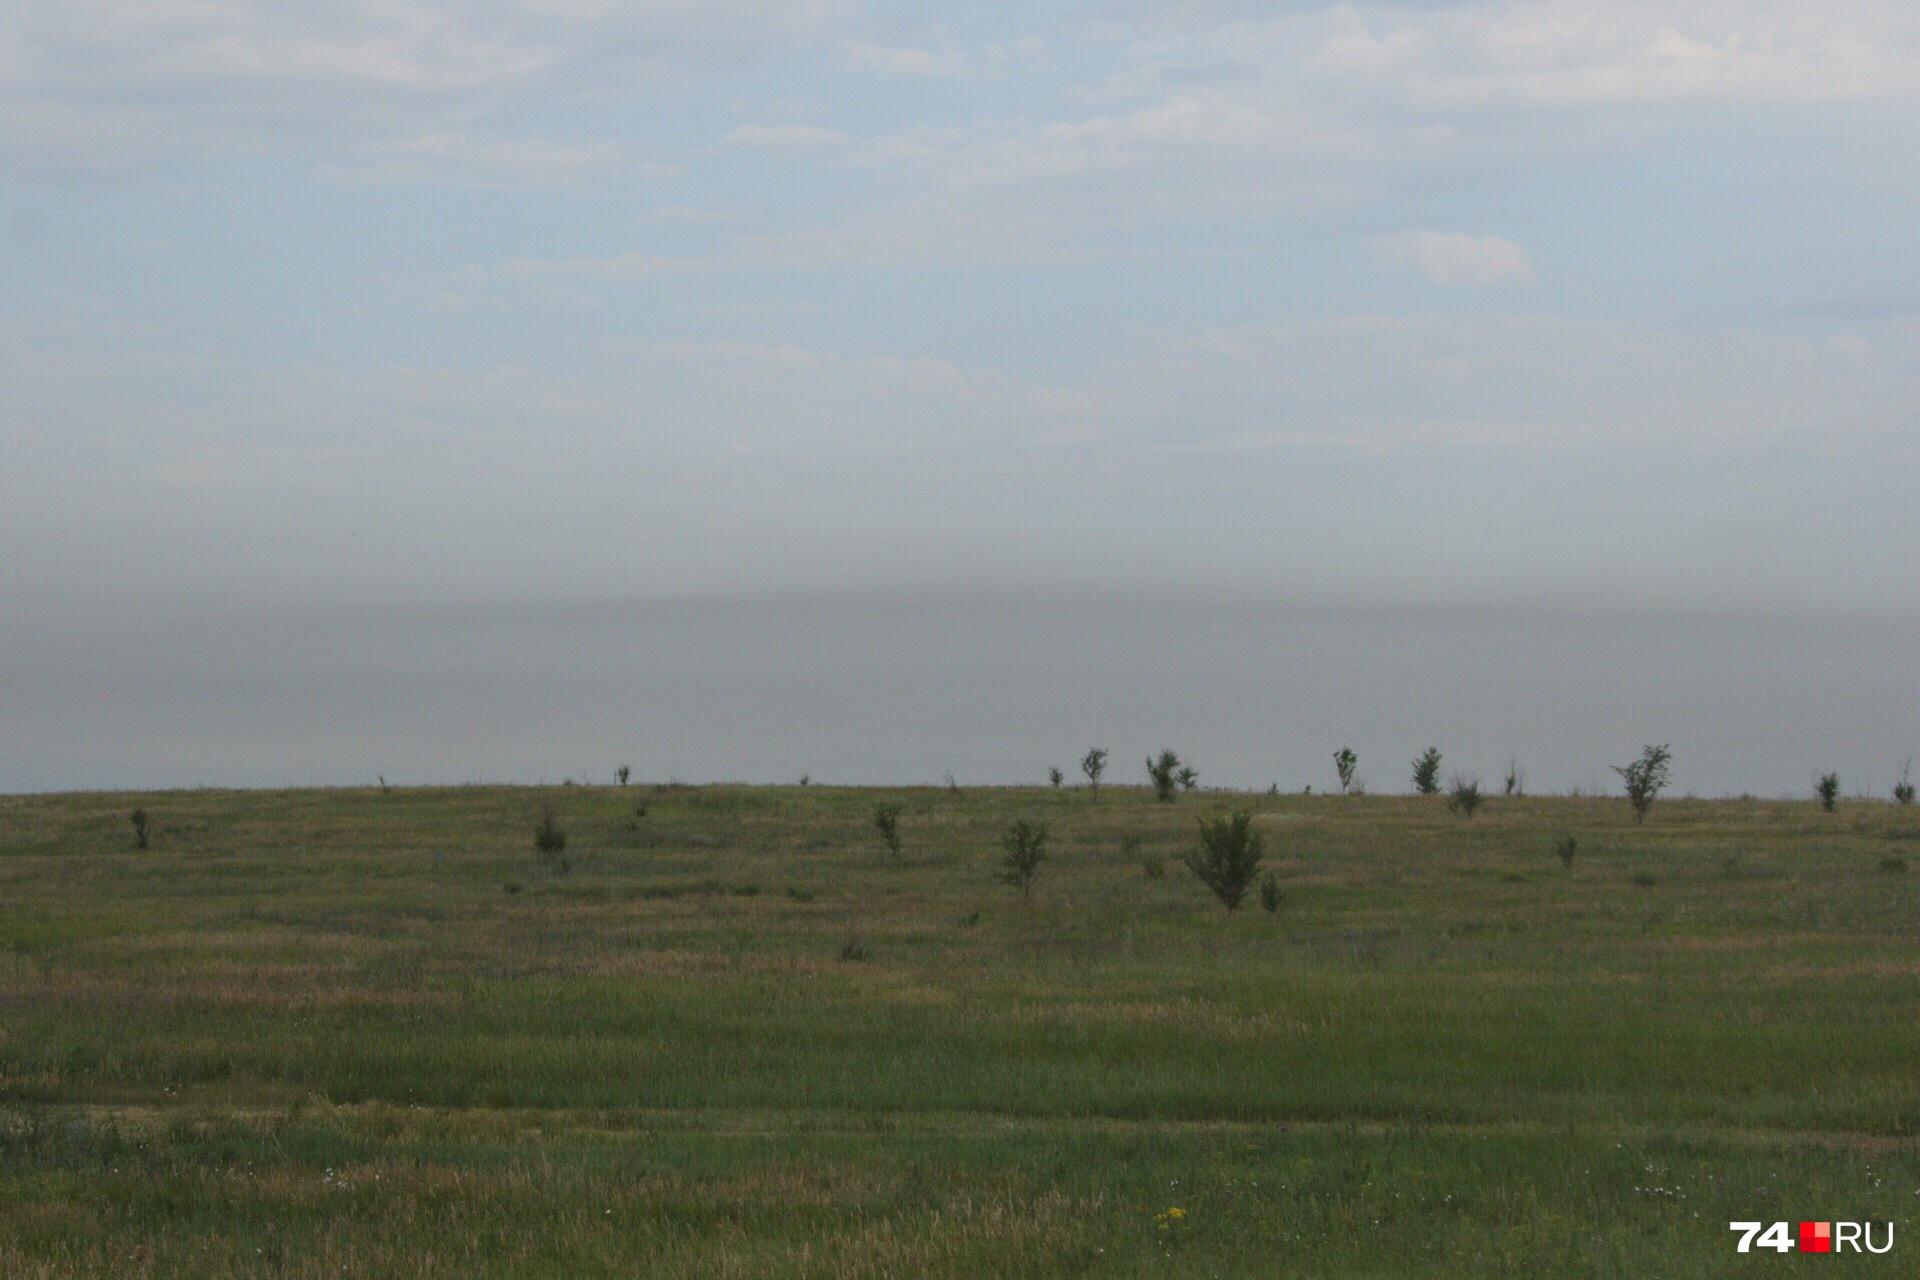 Так выглядит Магнитогорск на въезде со стороны Верхнеуральска